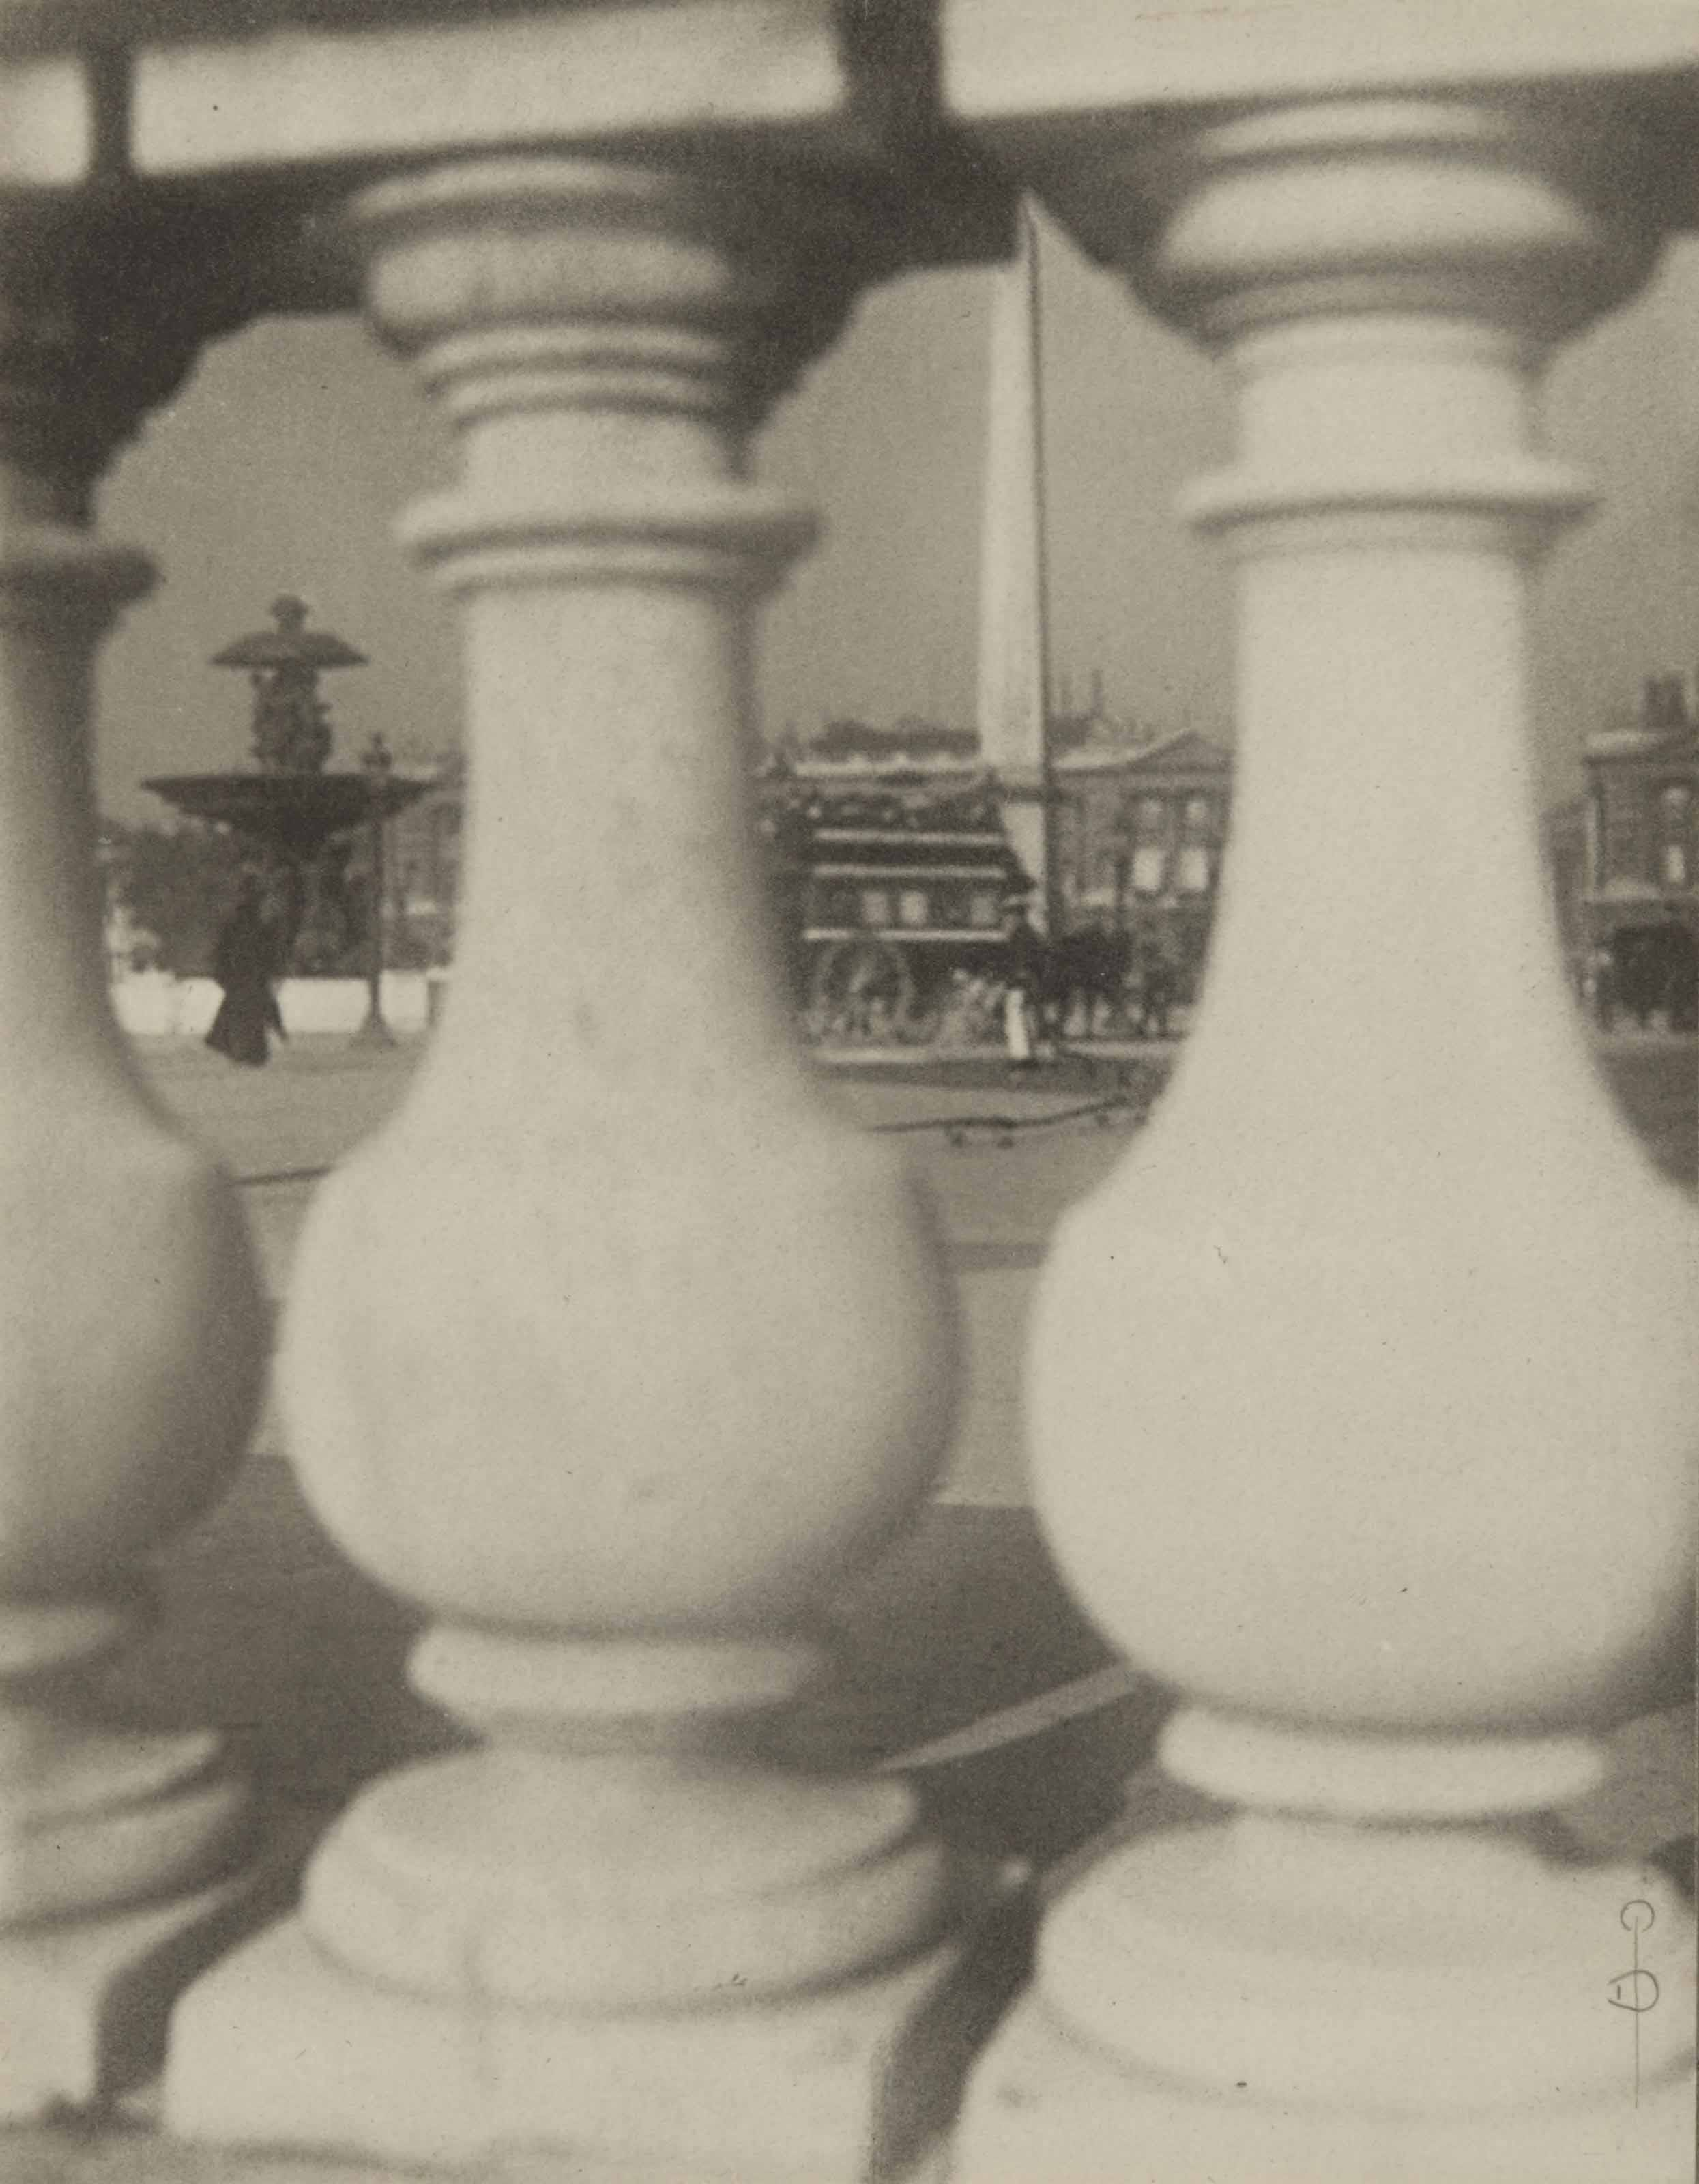 La place de la Concorde, 1908